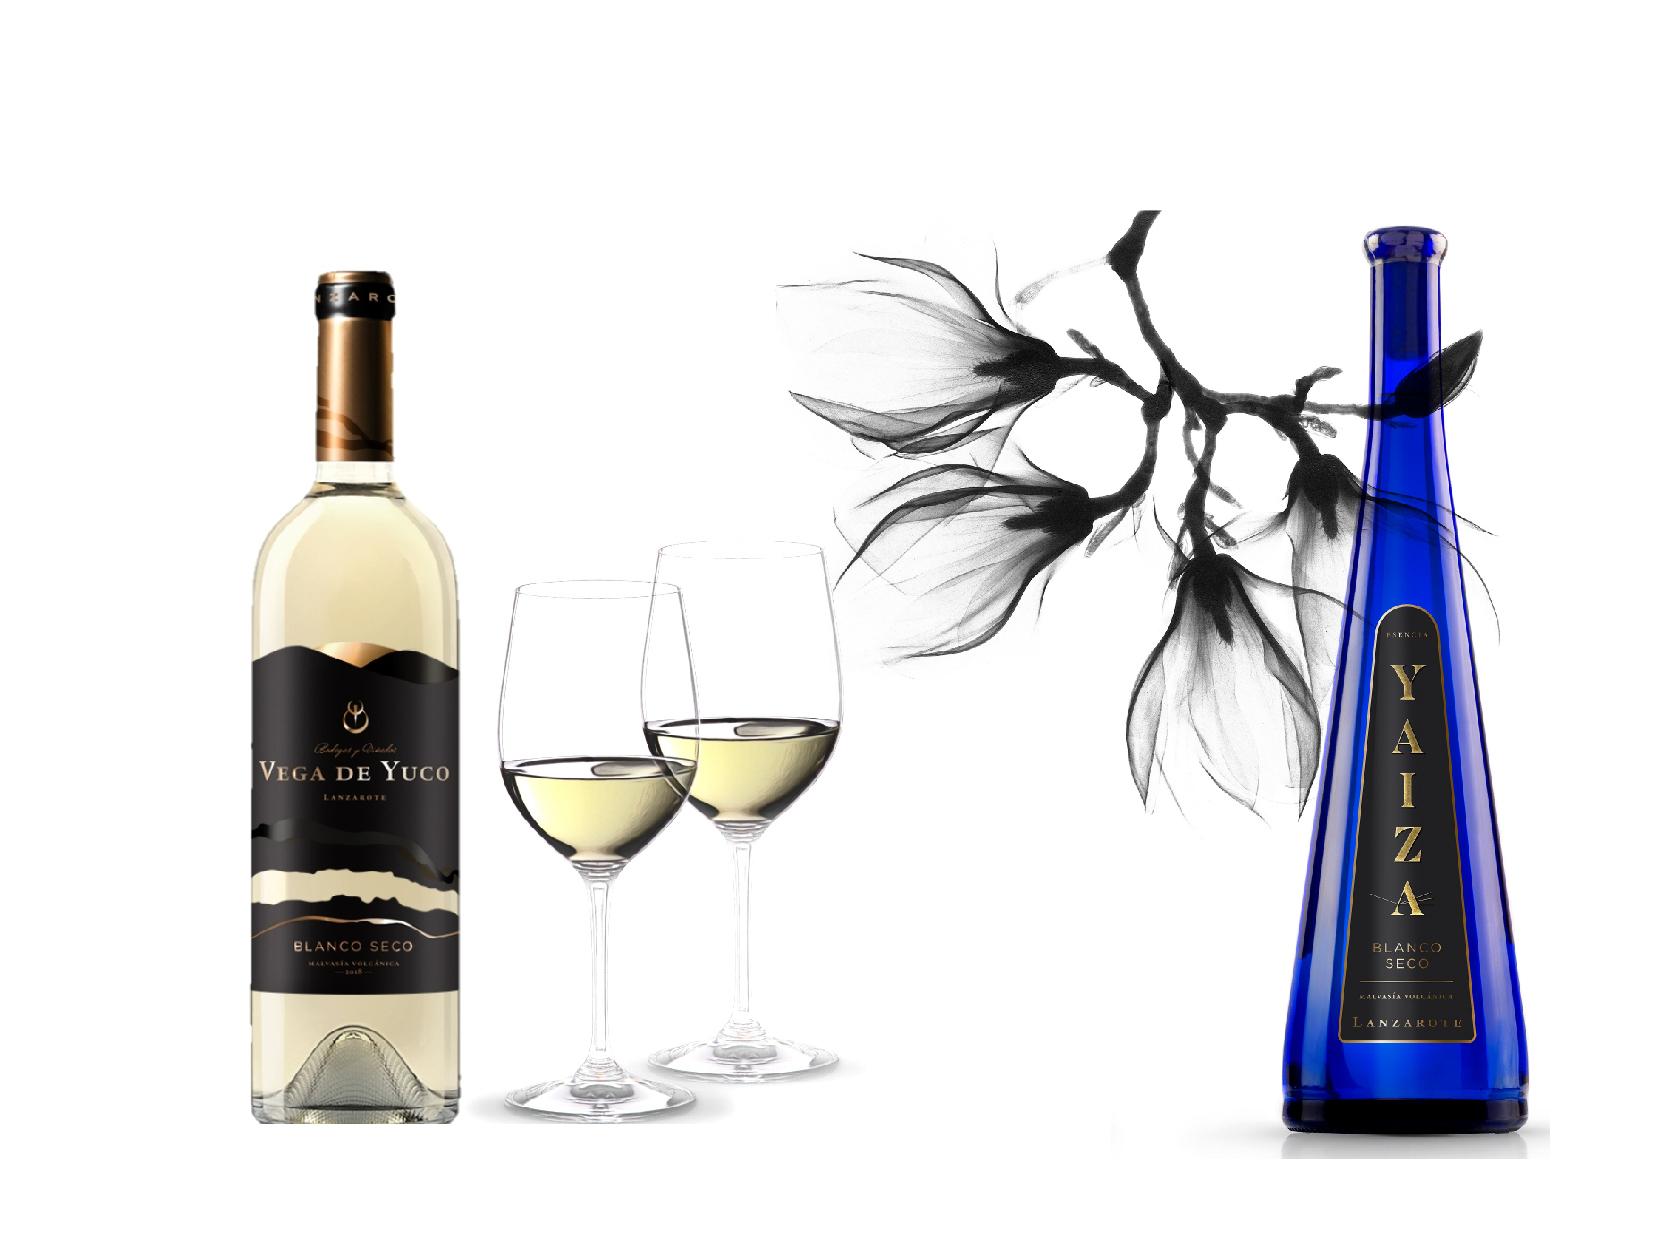 Bodegas Vega de Yuco obtiene 2 medallas en los prestigiosos Premios 'Decanter World Wine Awards'